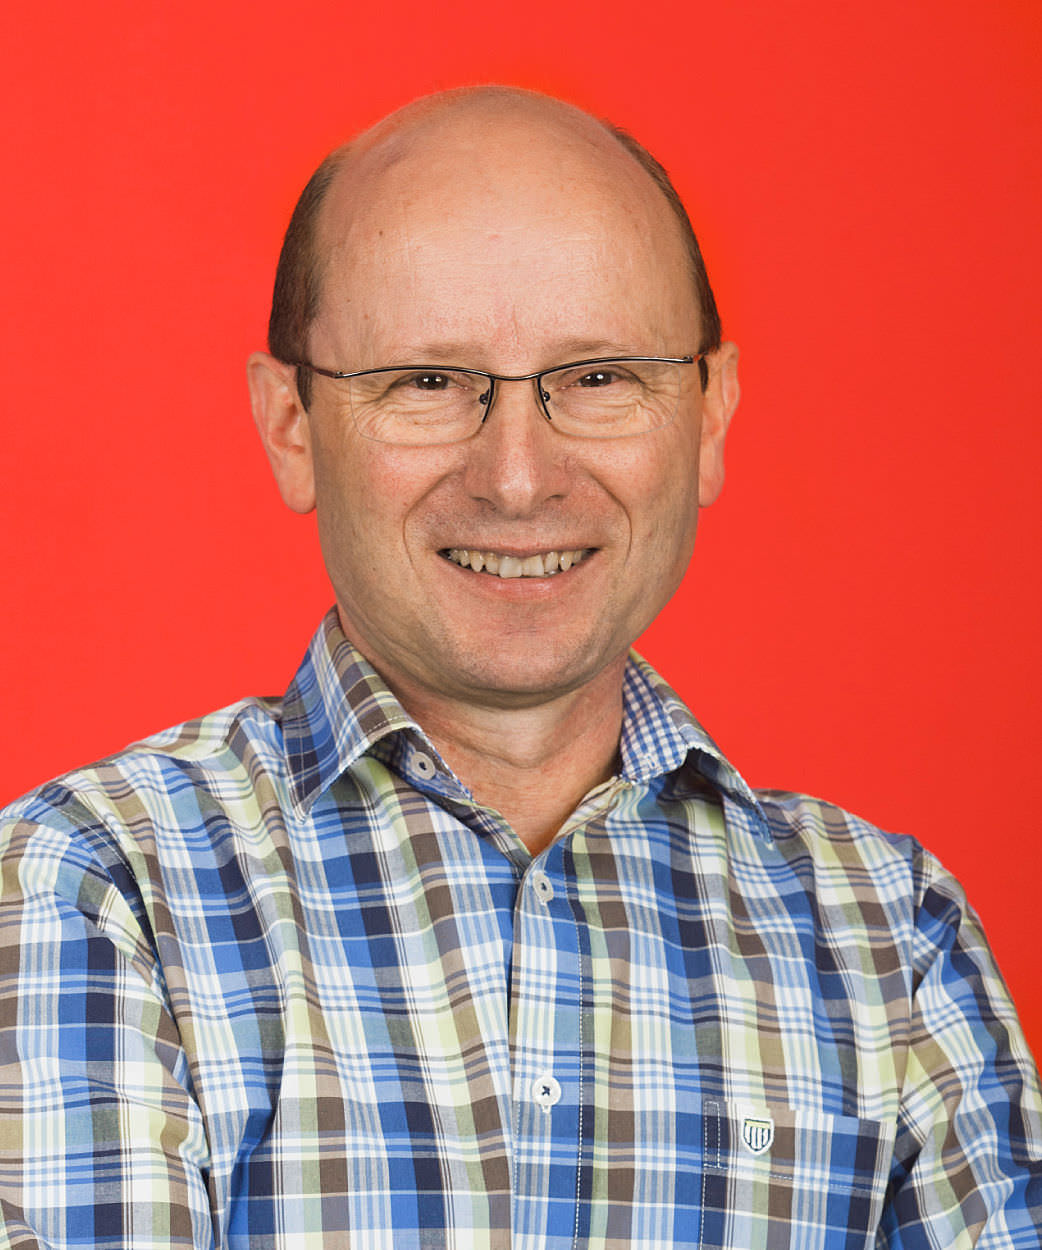 Daniel Prandini